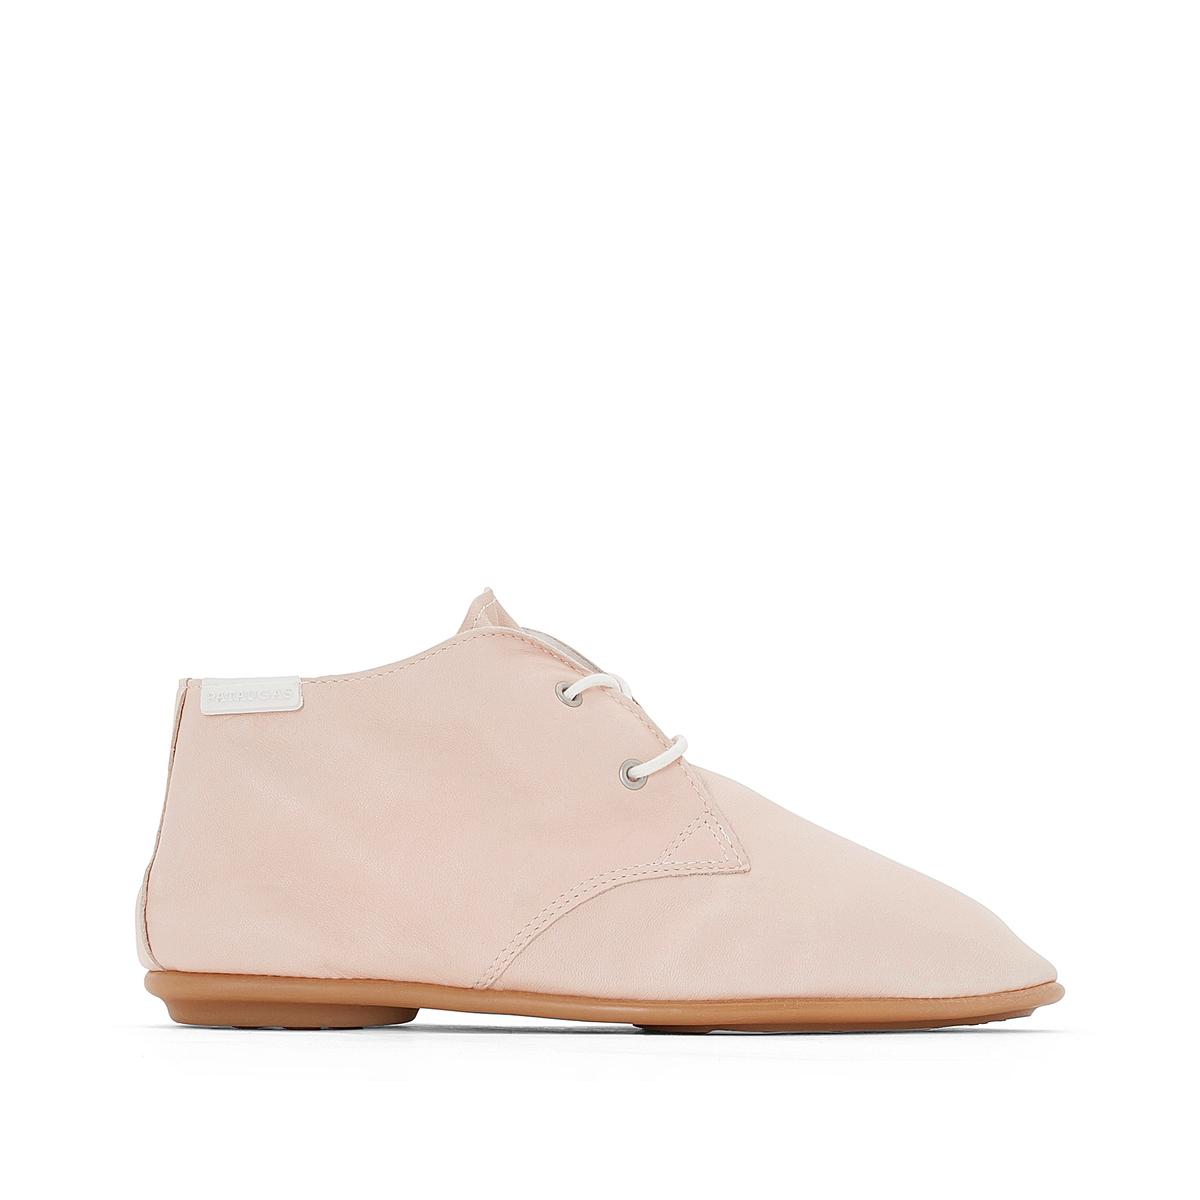 Кожаные ботинки  Scoot/NВерх/Голенище : Кожа.  Подкладка : Кожа.  Стелька : Кожа.  Подошва : резина   Форма каблука : плоский каблук  Мысок : закругленный.  Застежка : шнуровка<br><br>Цвет: серый,телесный